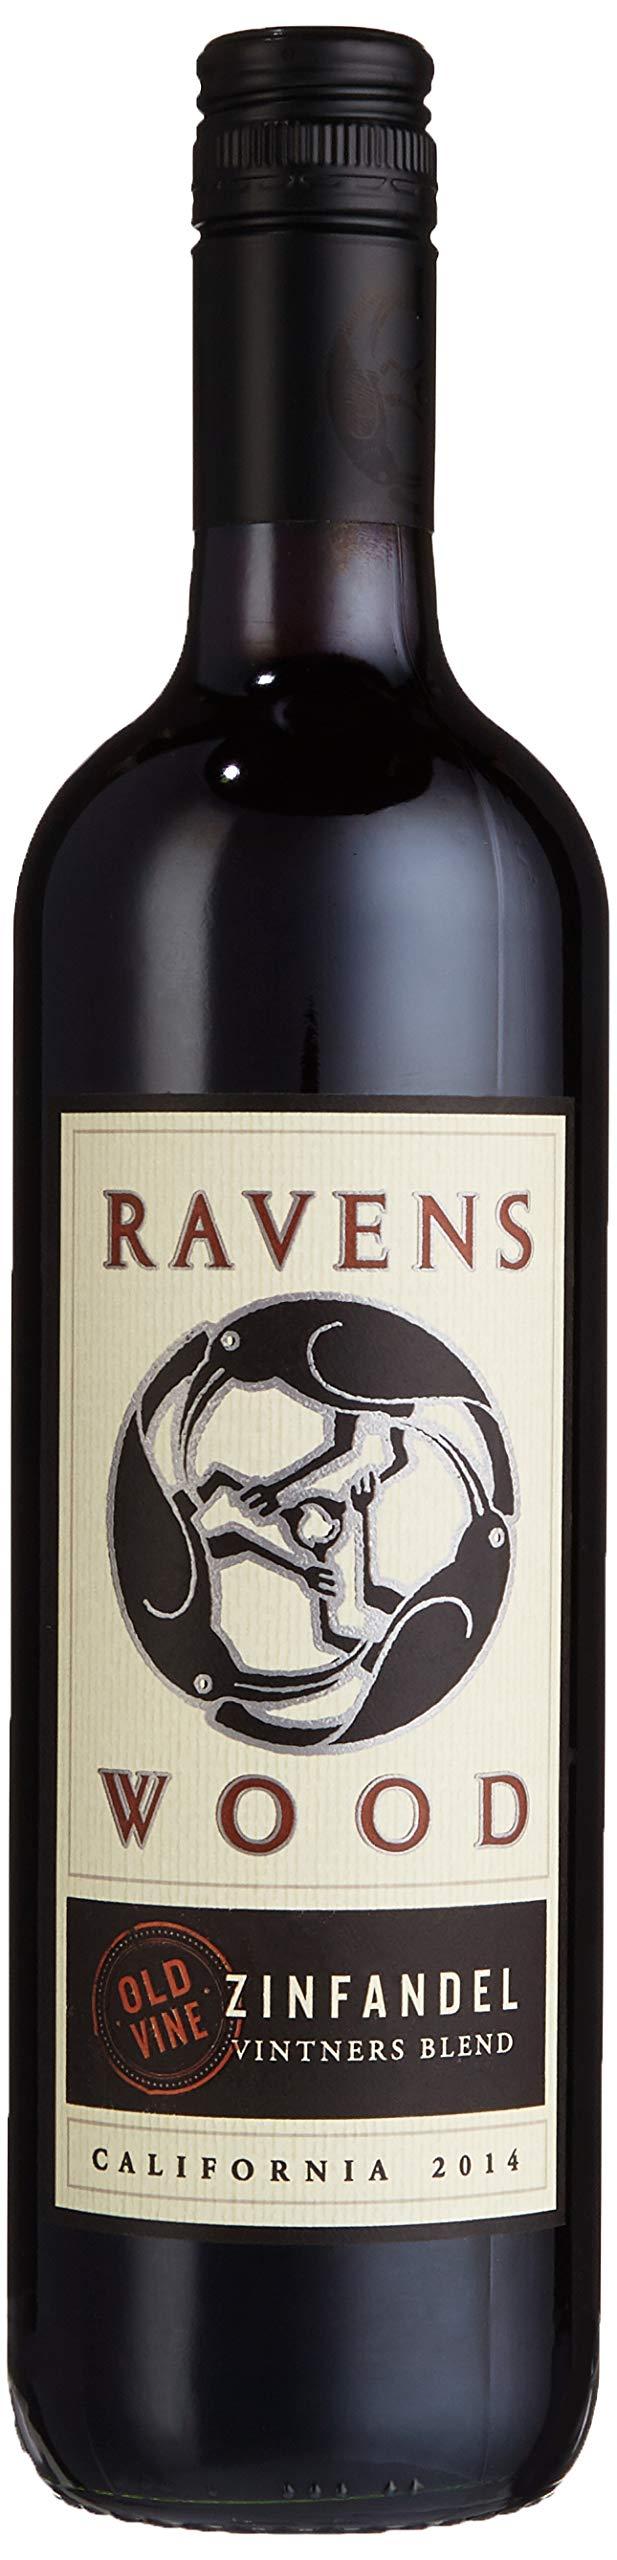 Ravenswood-Vintners-Blend-Zinfandel-20142015-trocken-1-x-075-l